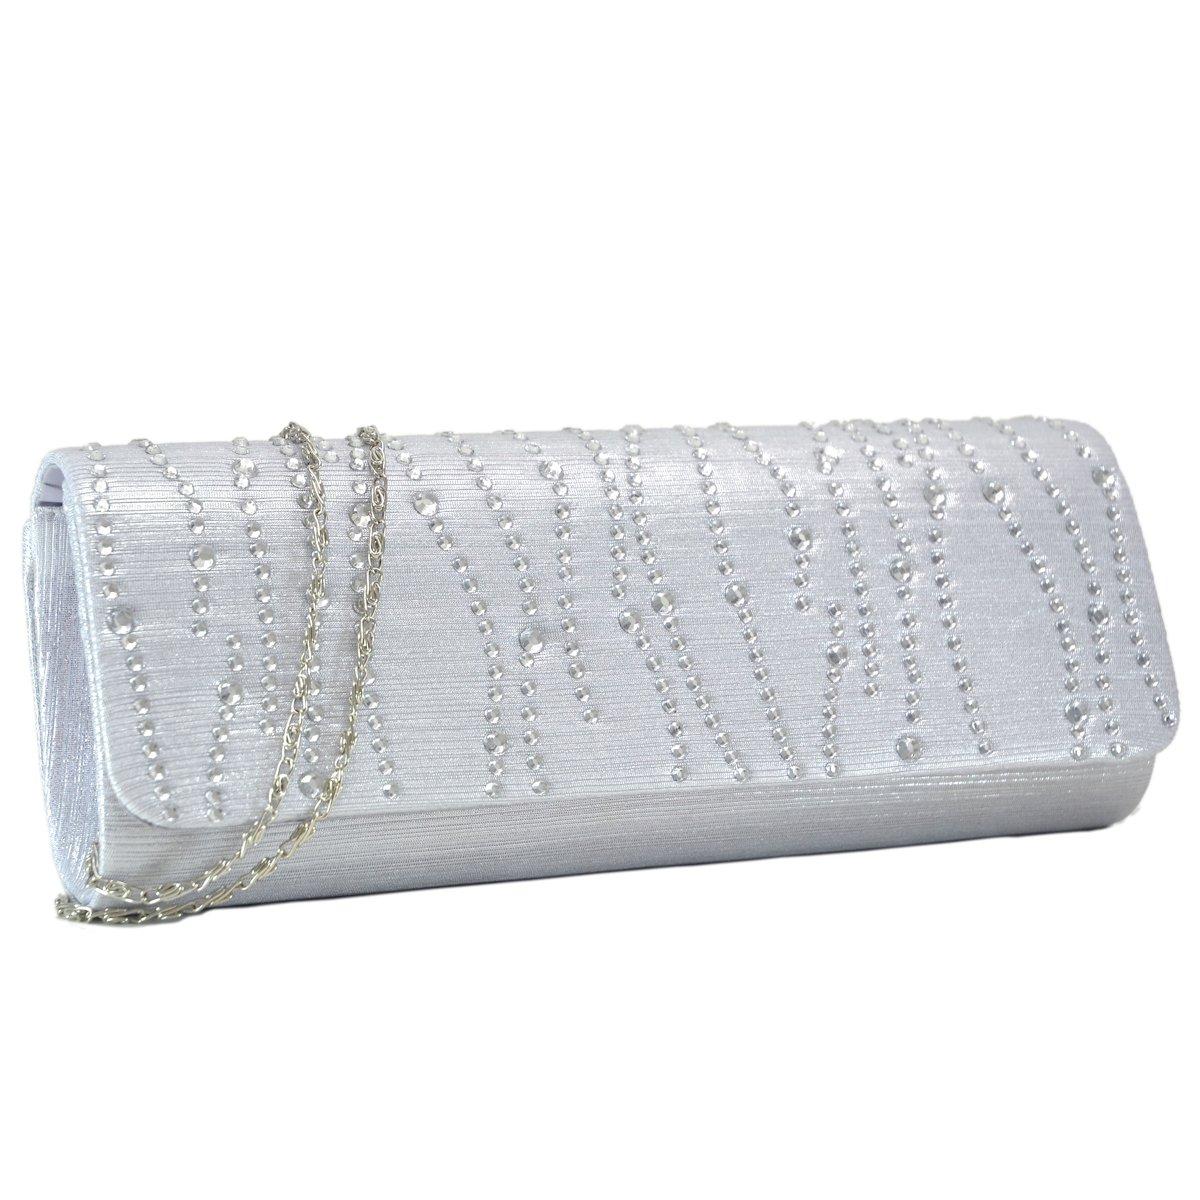 Woman Rhinestone Evening Bag Clutch Purse Crystal Pleated Satin Party Handbag Silver